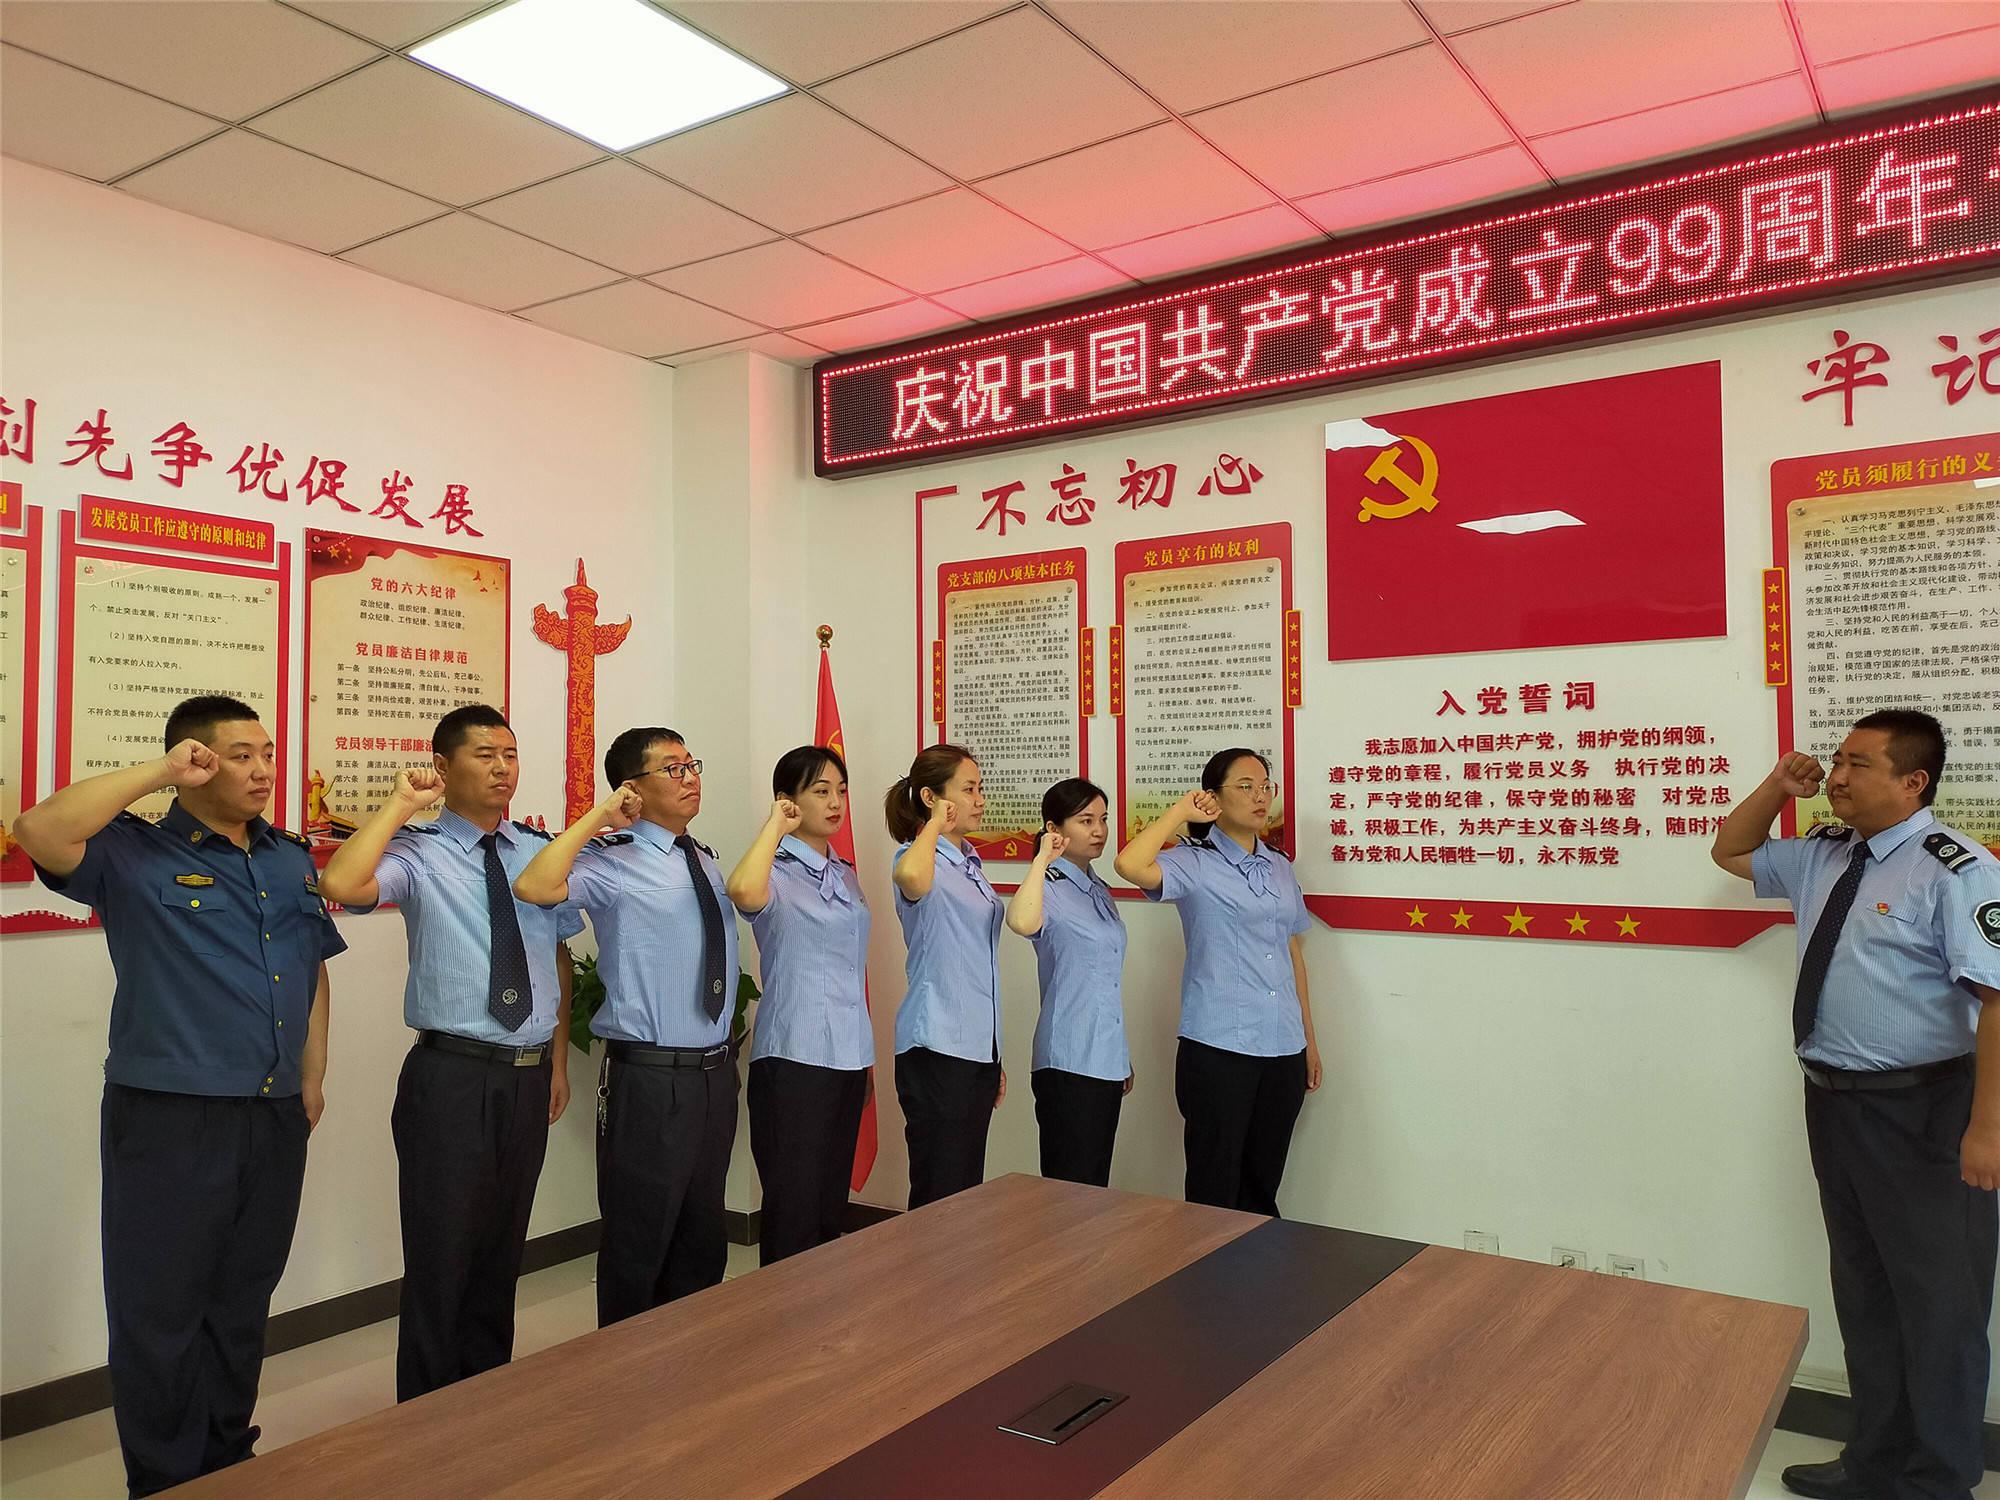 临汾收费站党支部开展庆祝中国共产党成立99周年党日专题活动